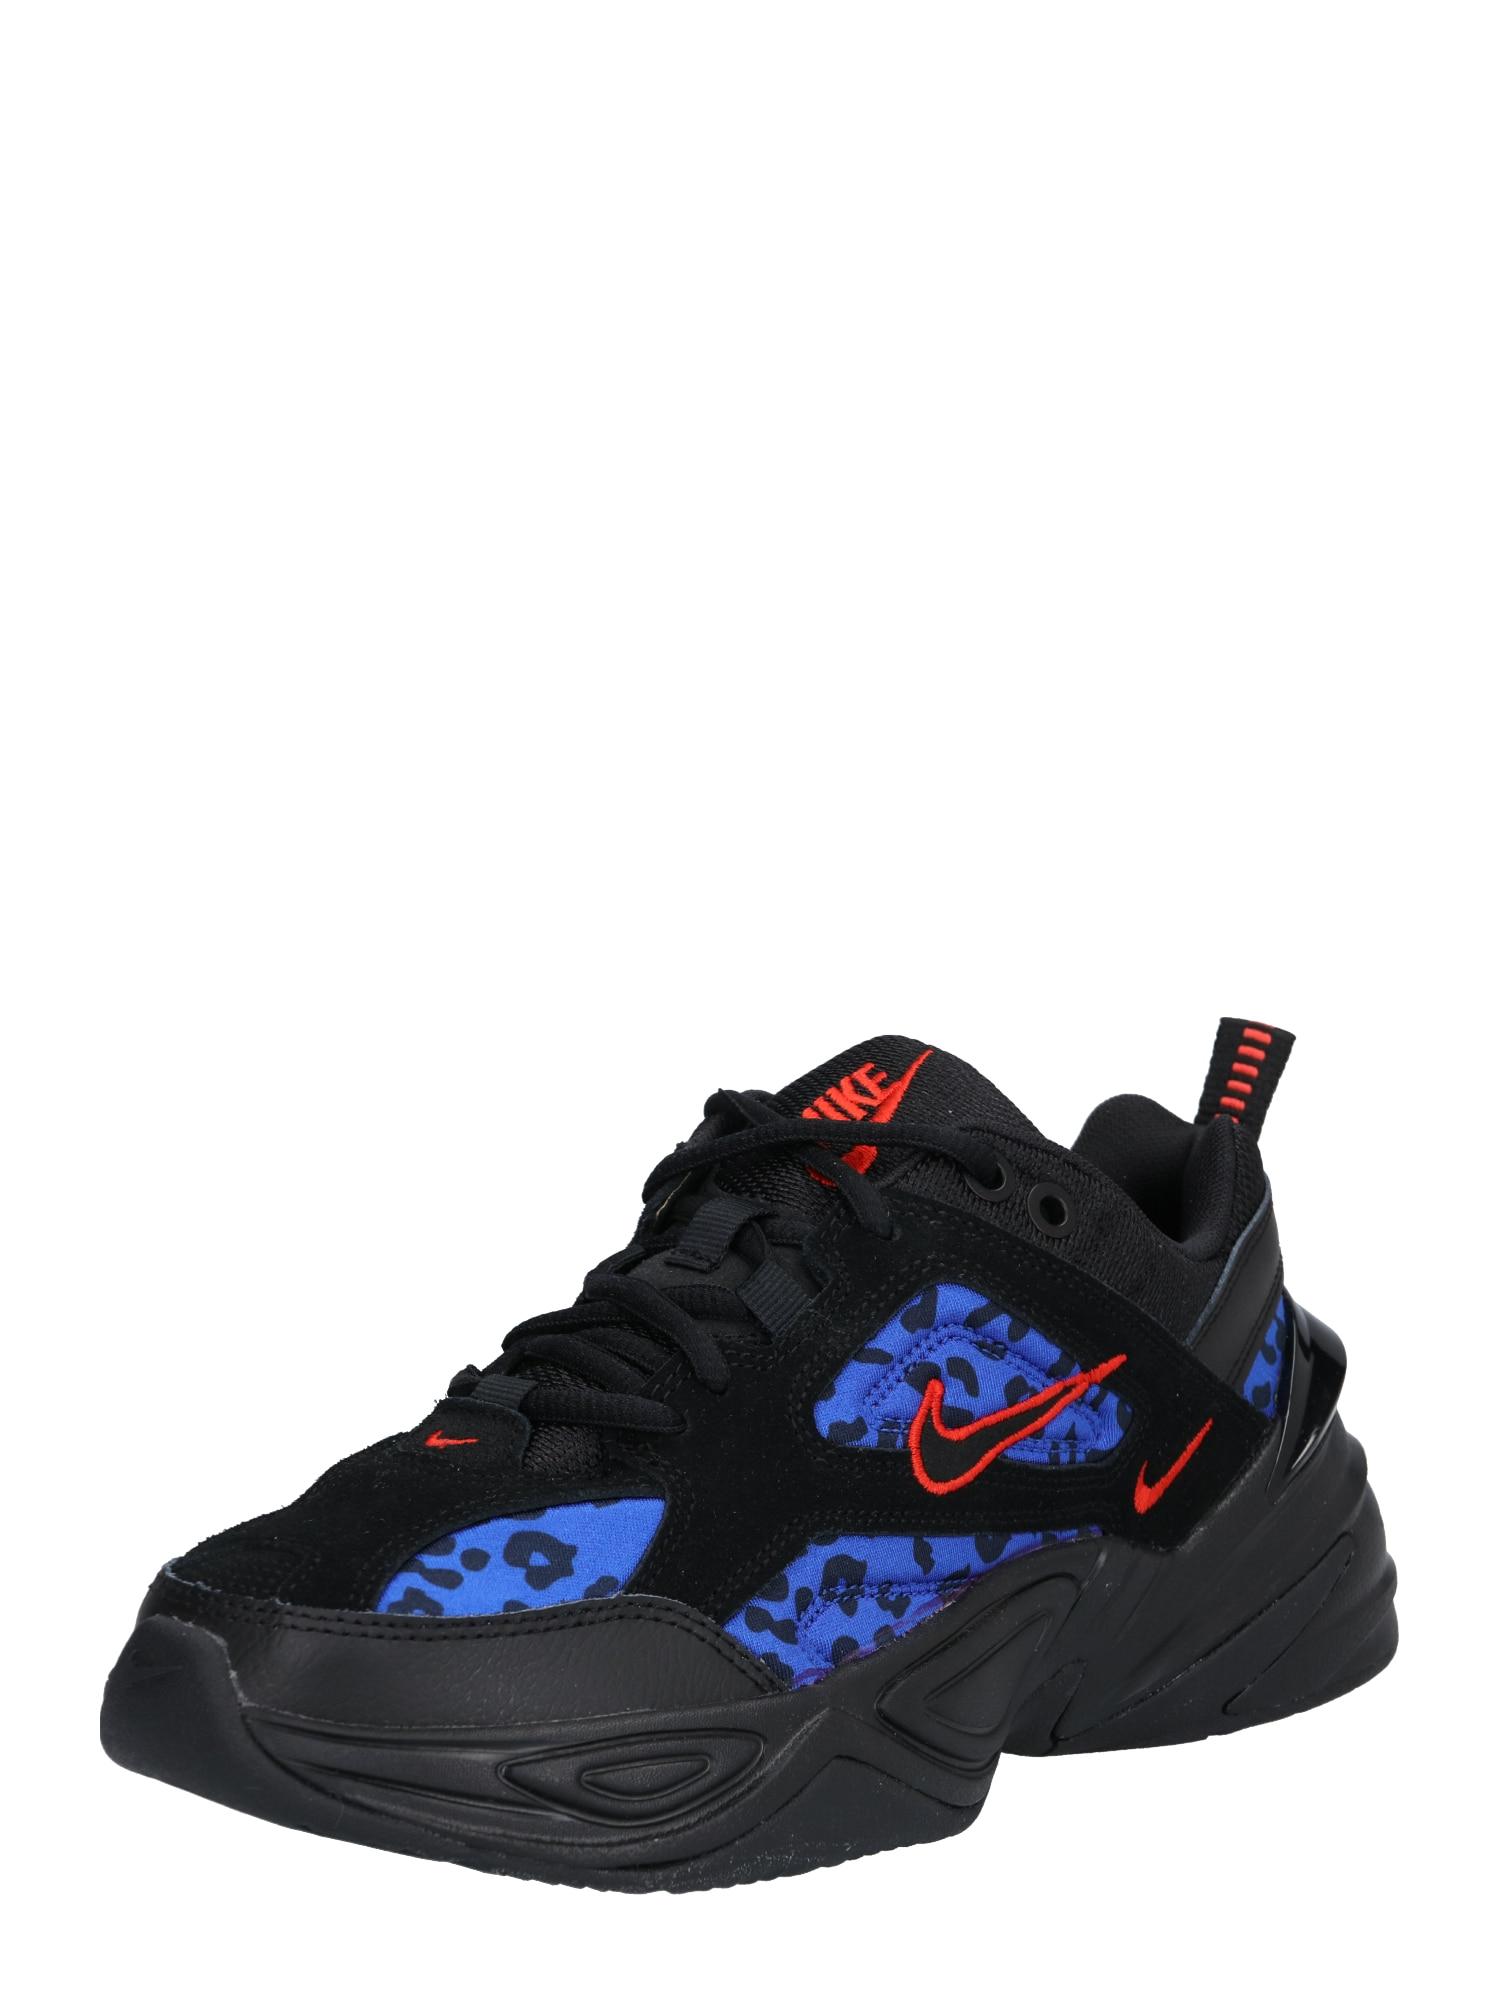 Nike Sportswear, Dames Sneakers laag 'W NIKE M2K TEKNO', aqua / rood / zwart